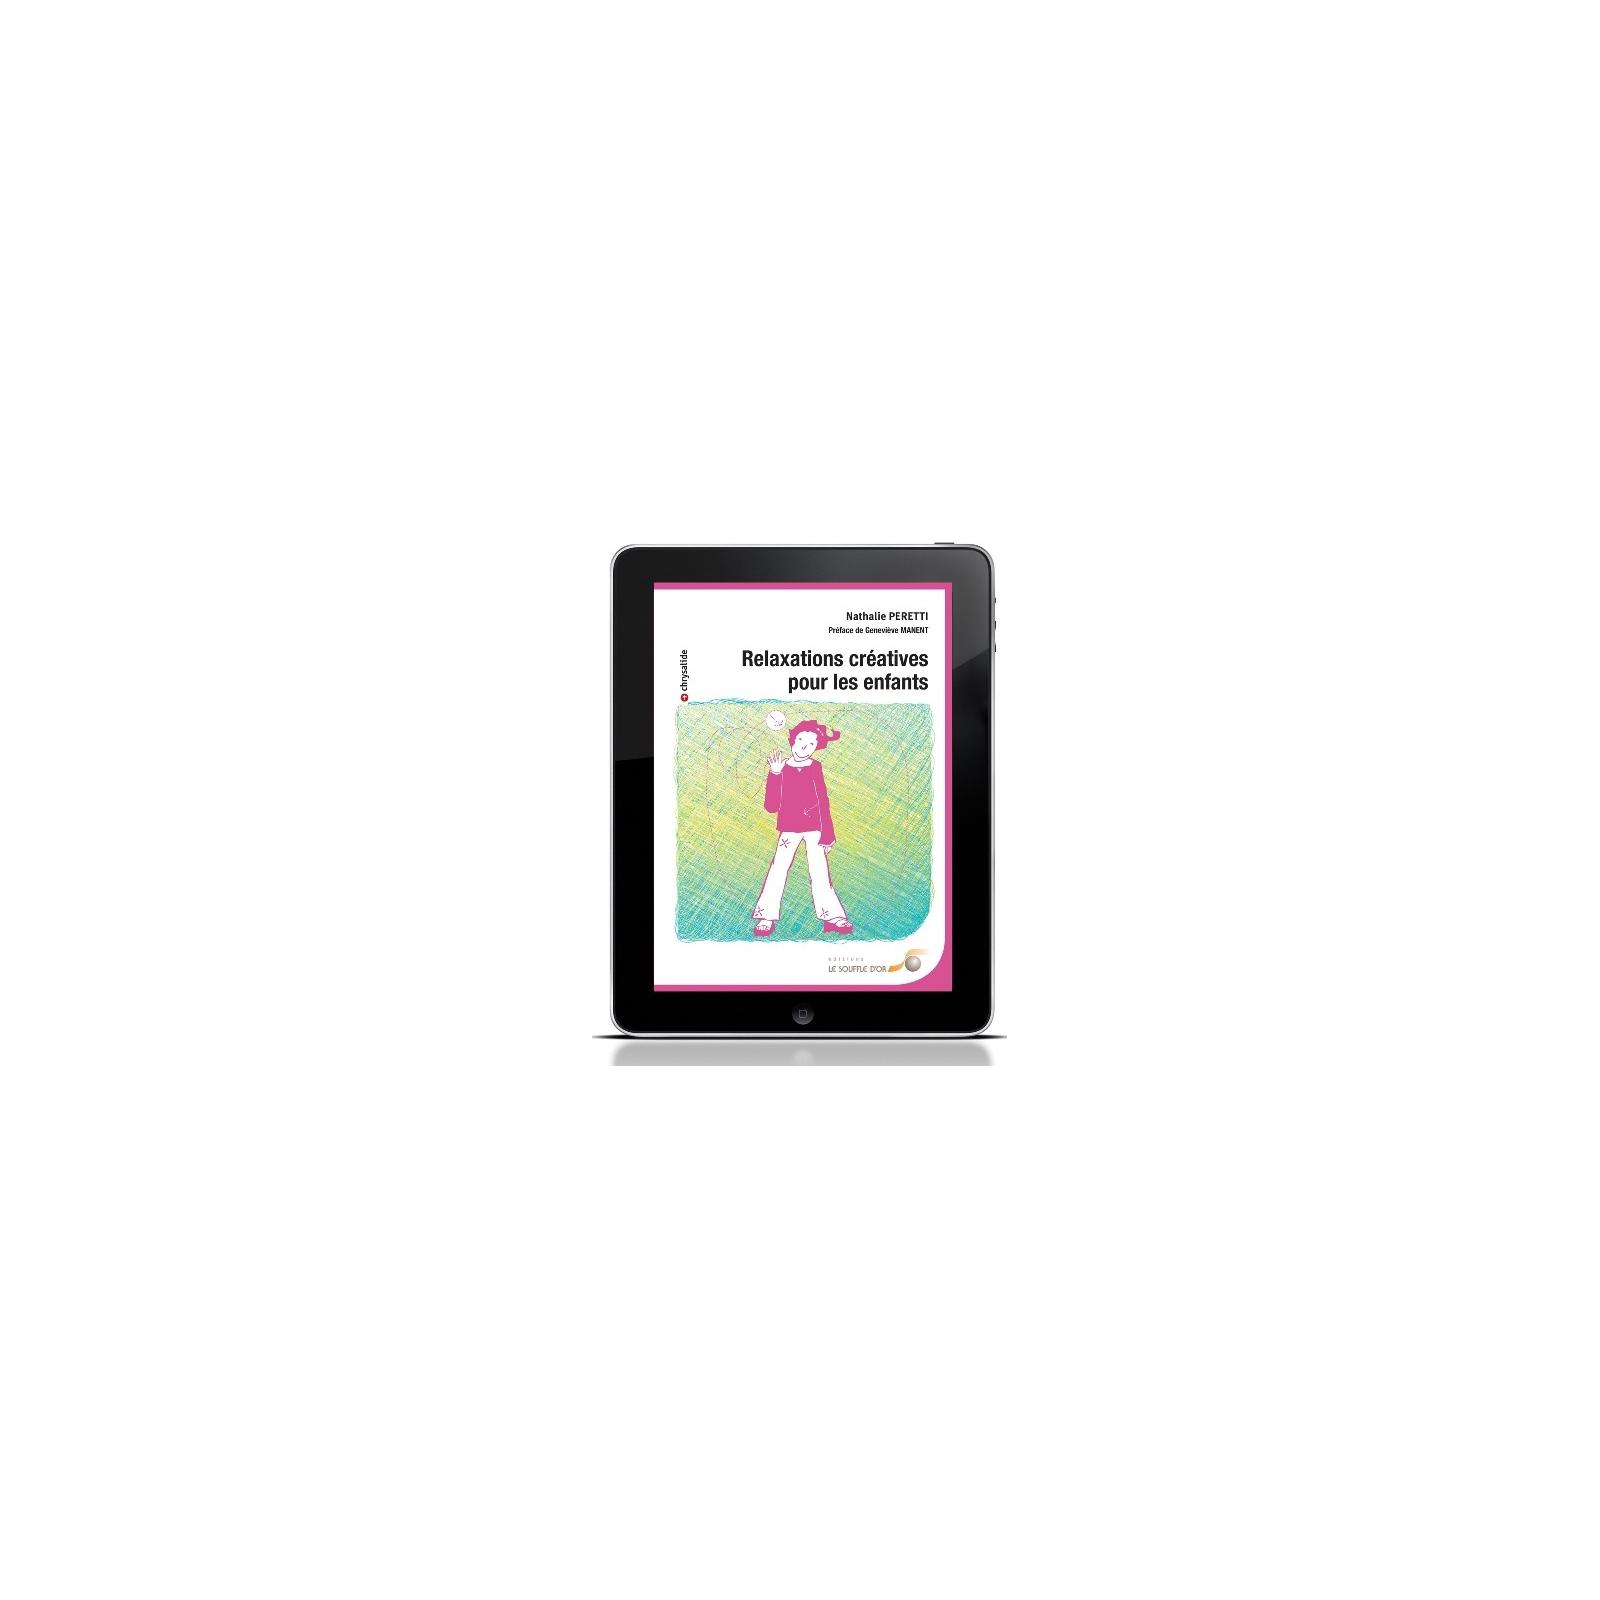 Relaxations créatives pour les enfants (Ebook)